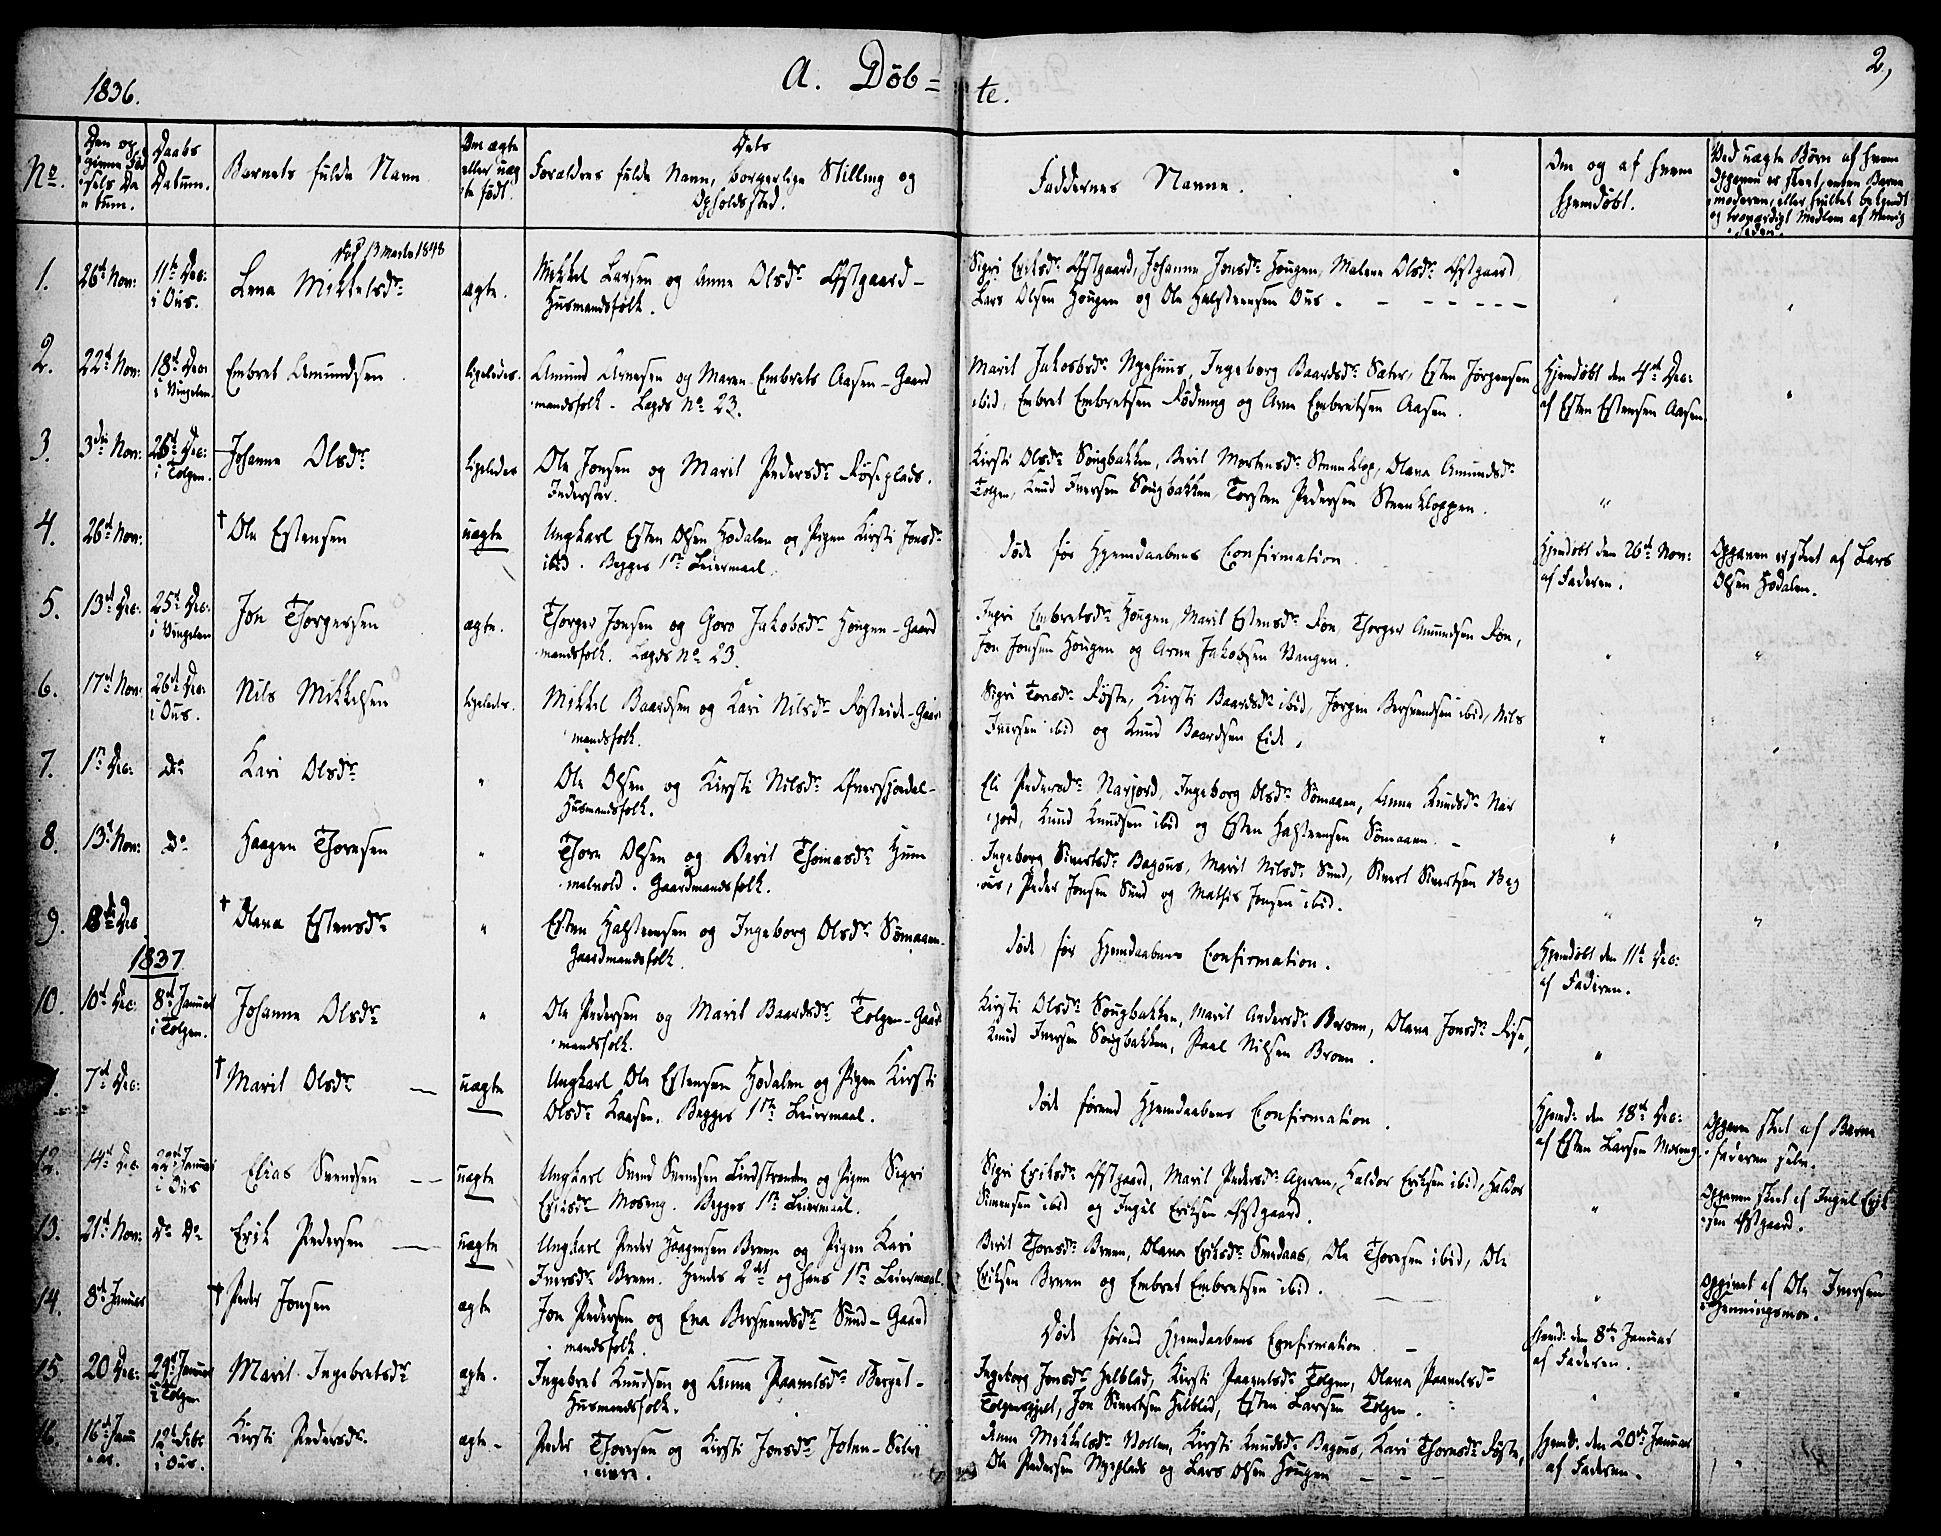 SAH, Tolga prestekontor, K/L0005: Ministerialbok nr. 5, 1836-1852, s. 2